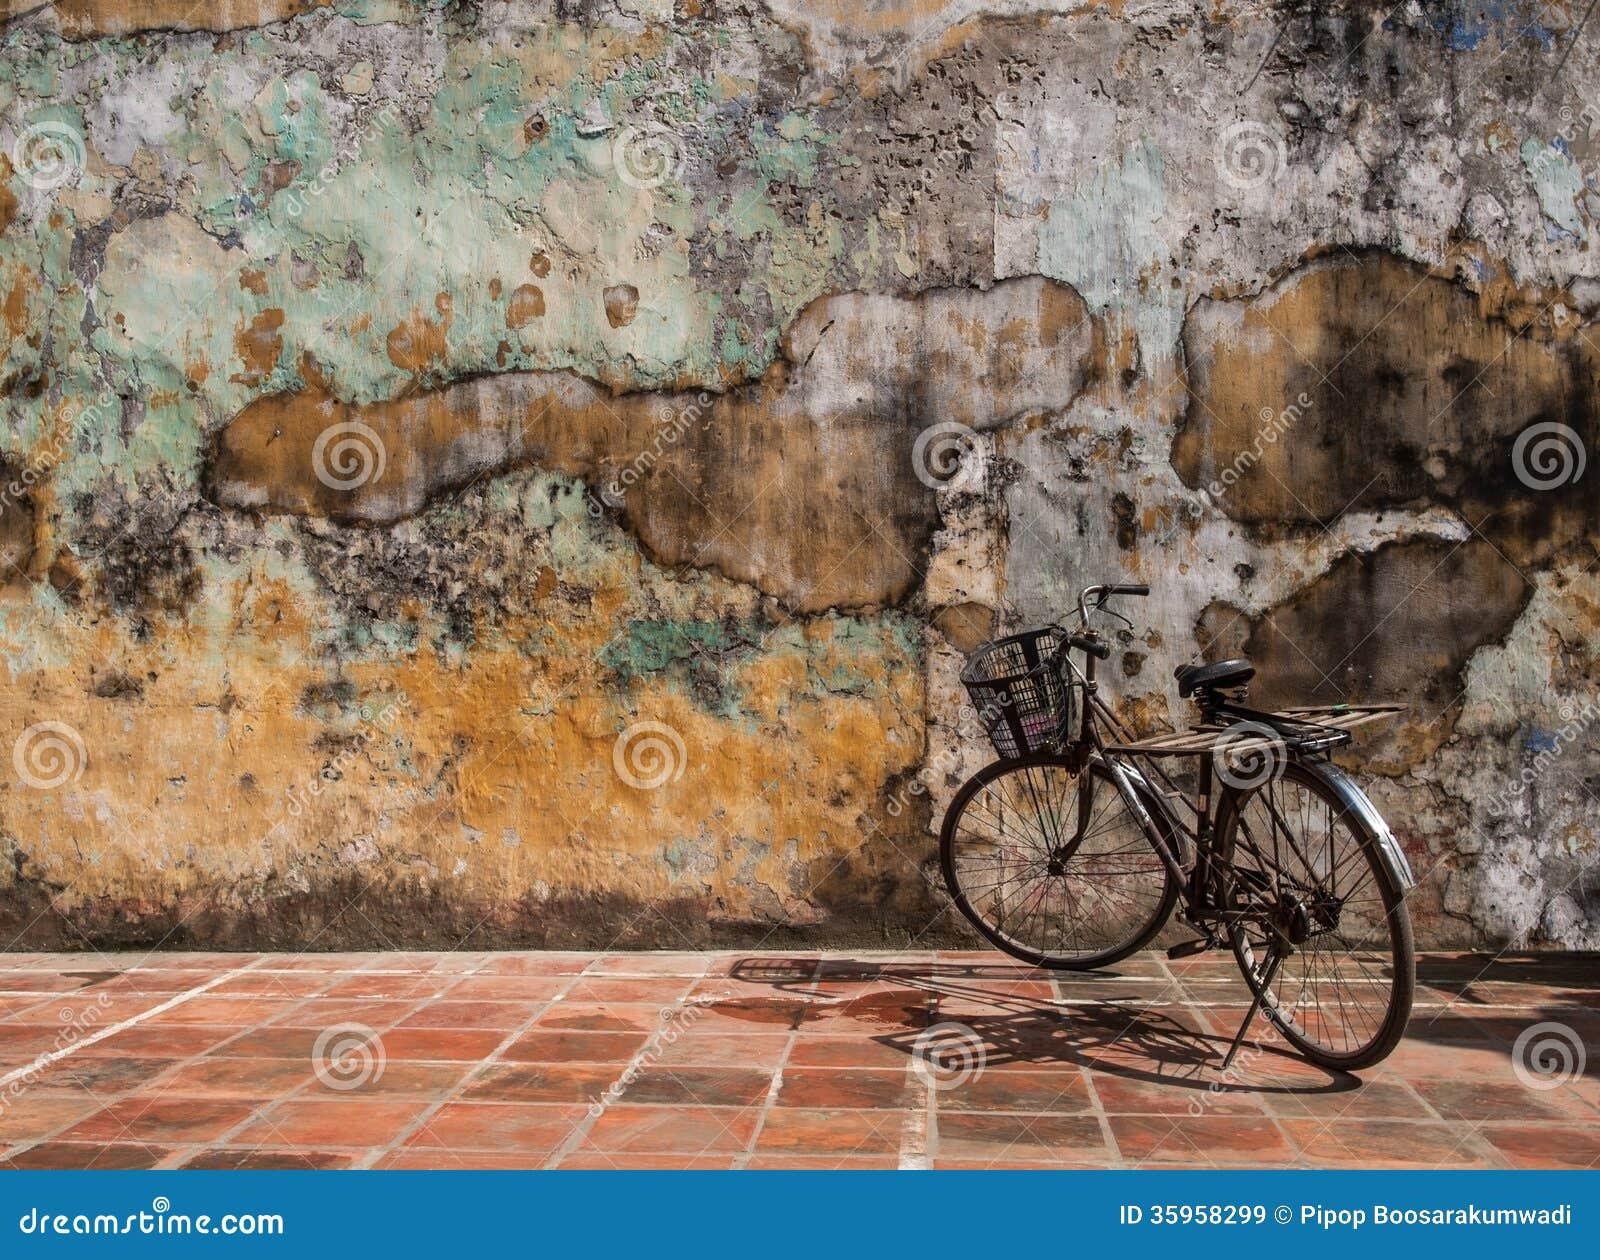 Fondo, extracto o textura de la pared. con la bicicleta.